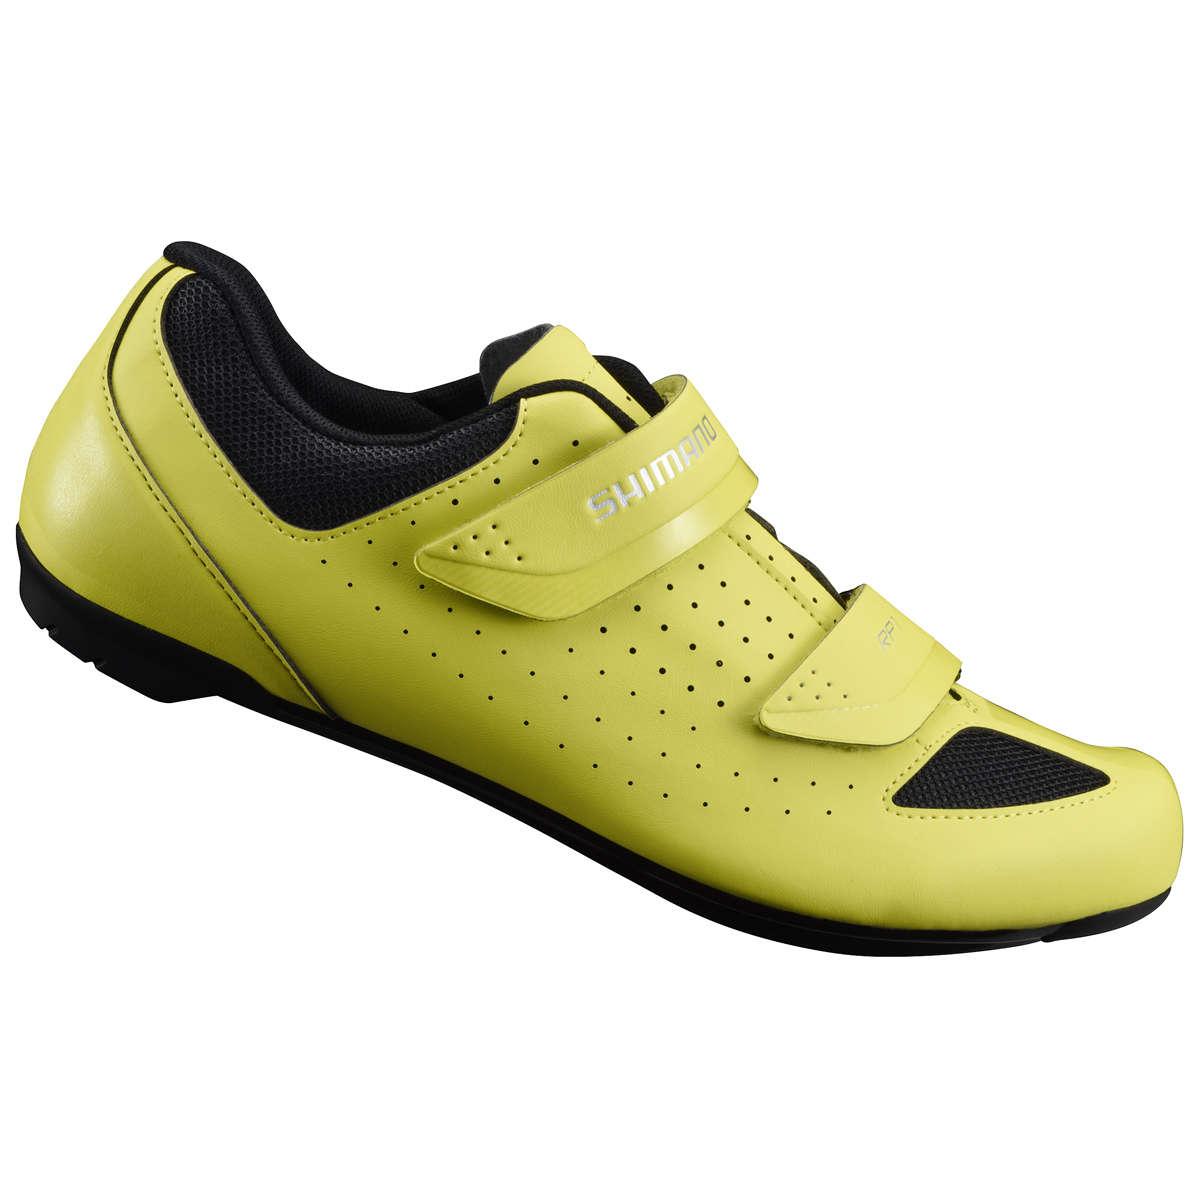 Chaussures Jaunes Shimano Pour Les Hommes MT4F7R